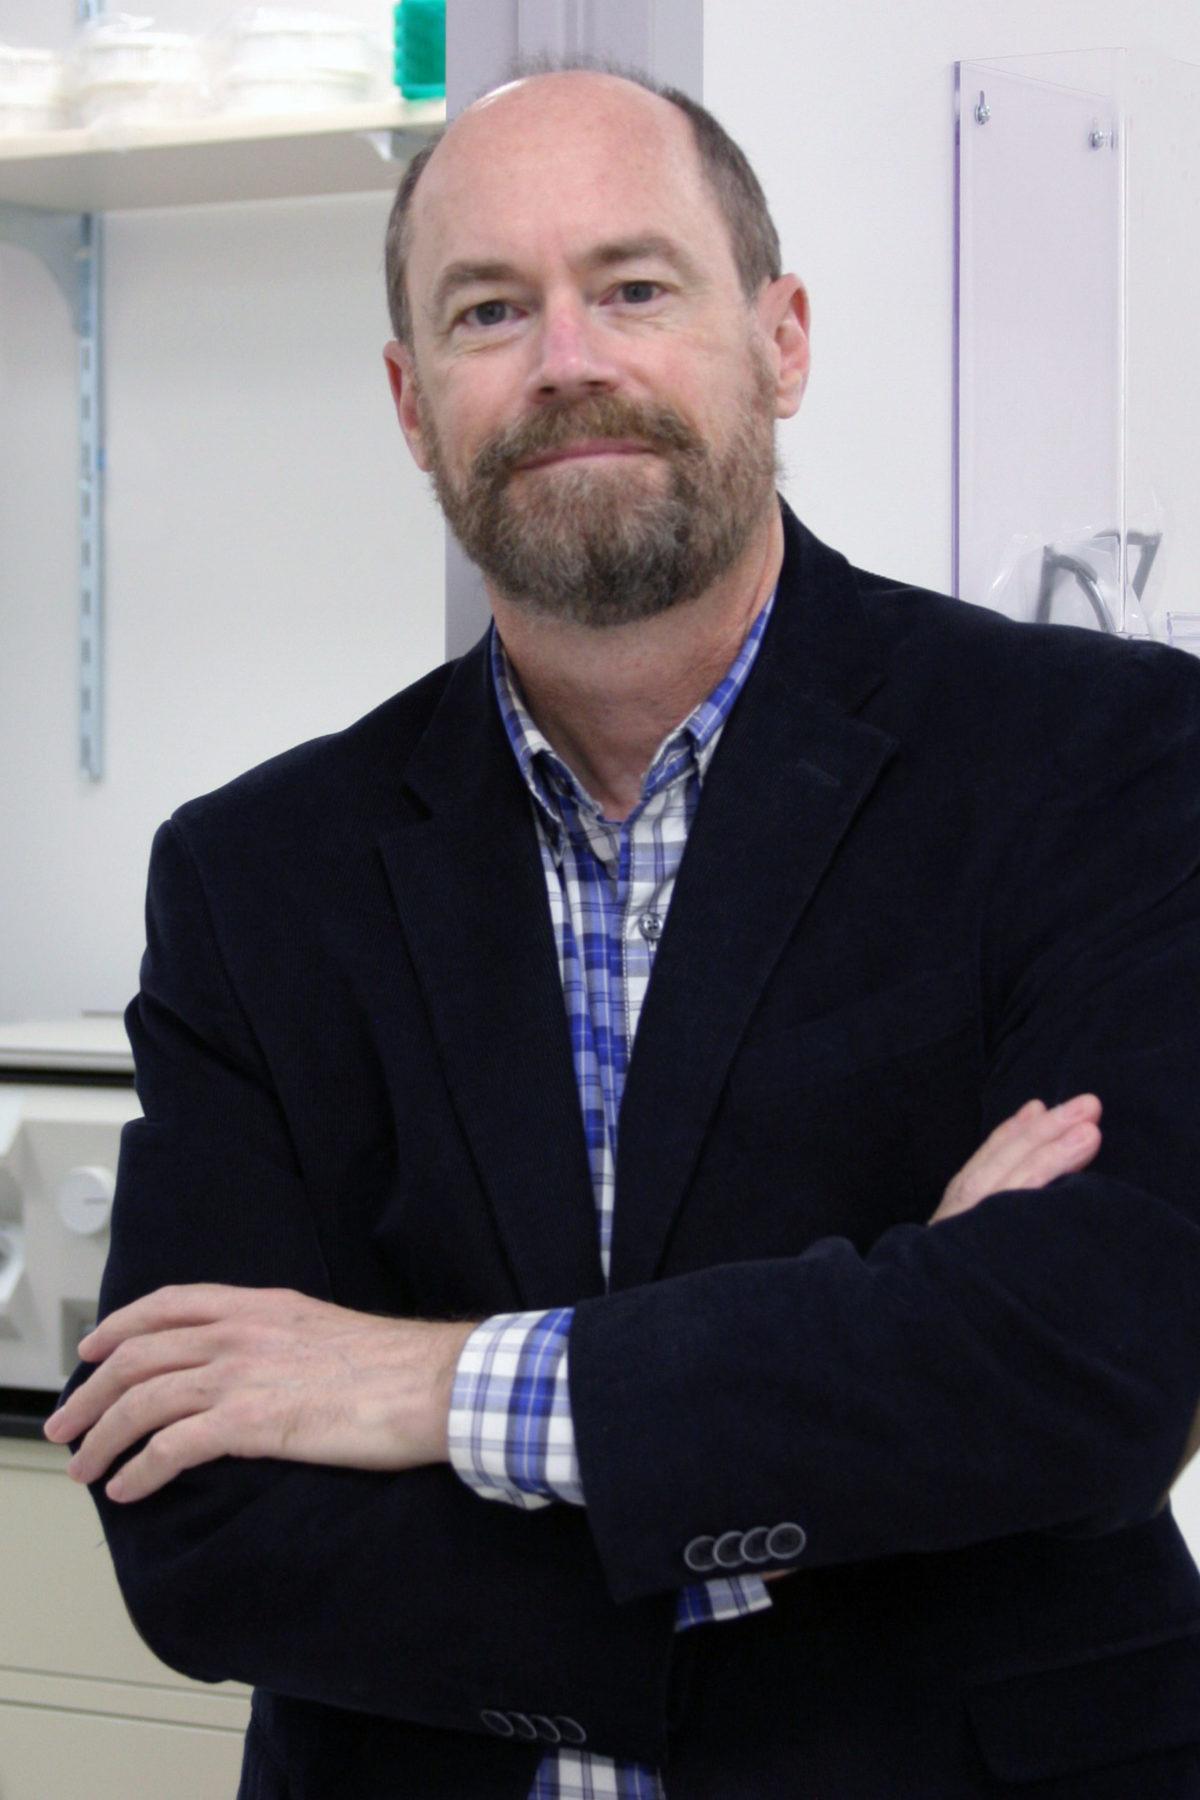 Gary Nabors